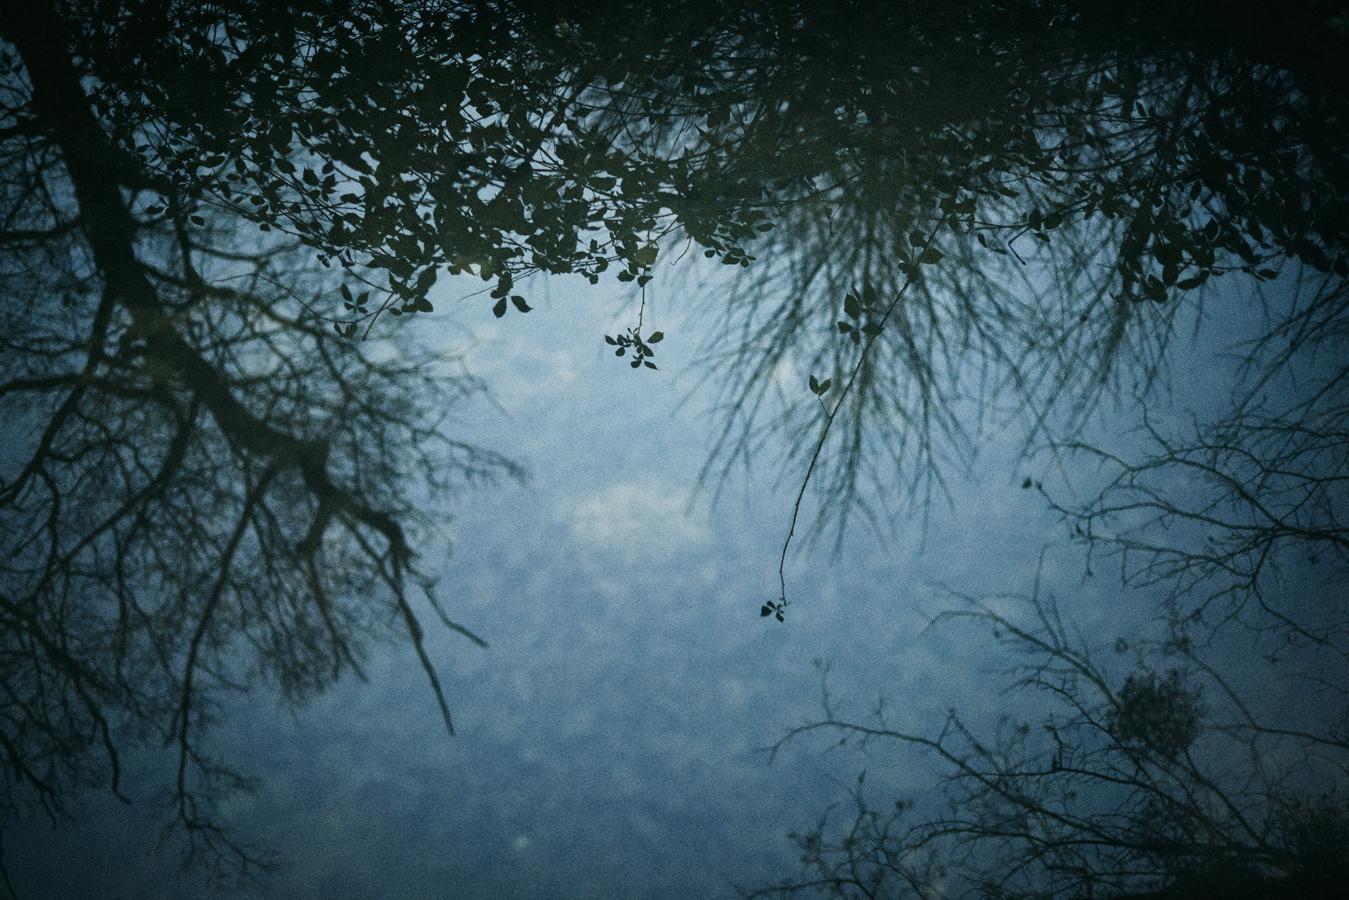 jf verganti reflet 1